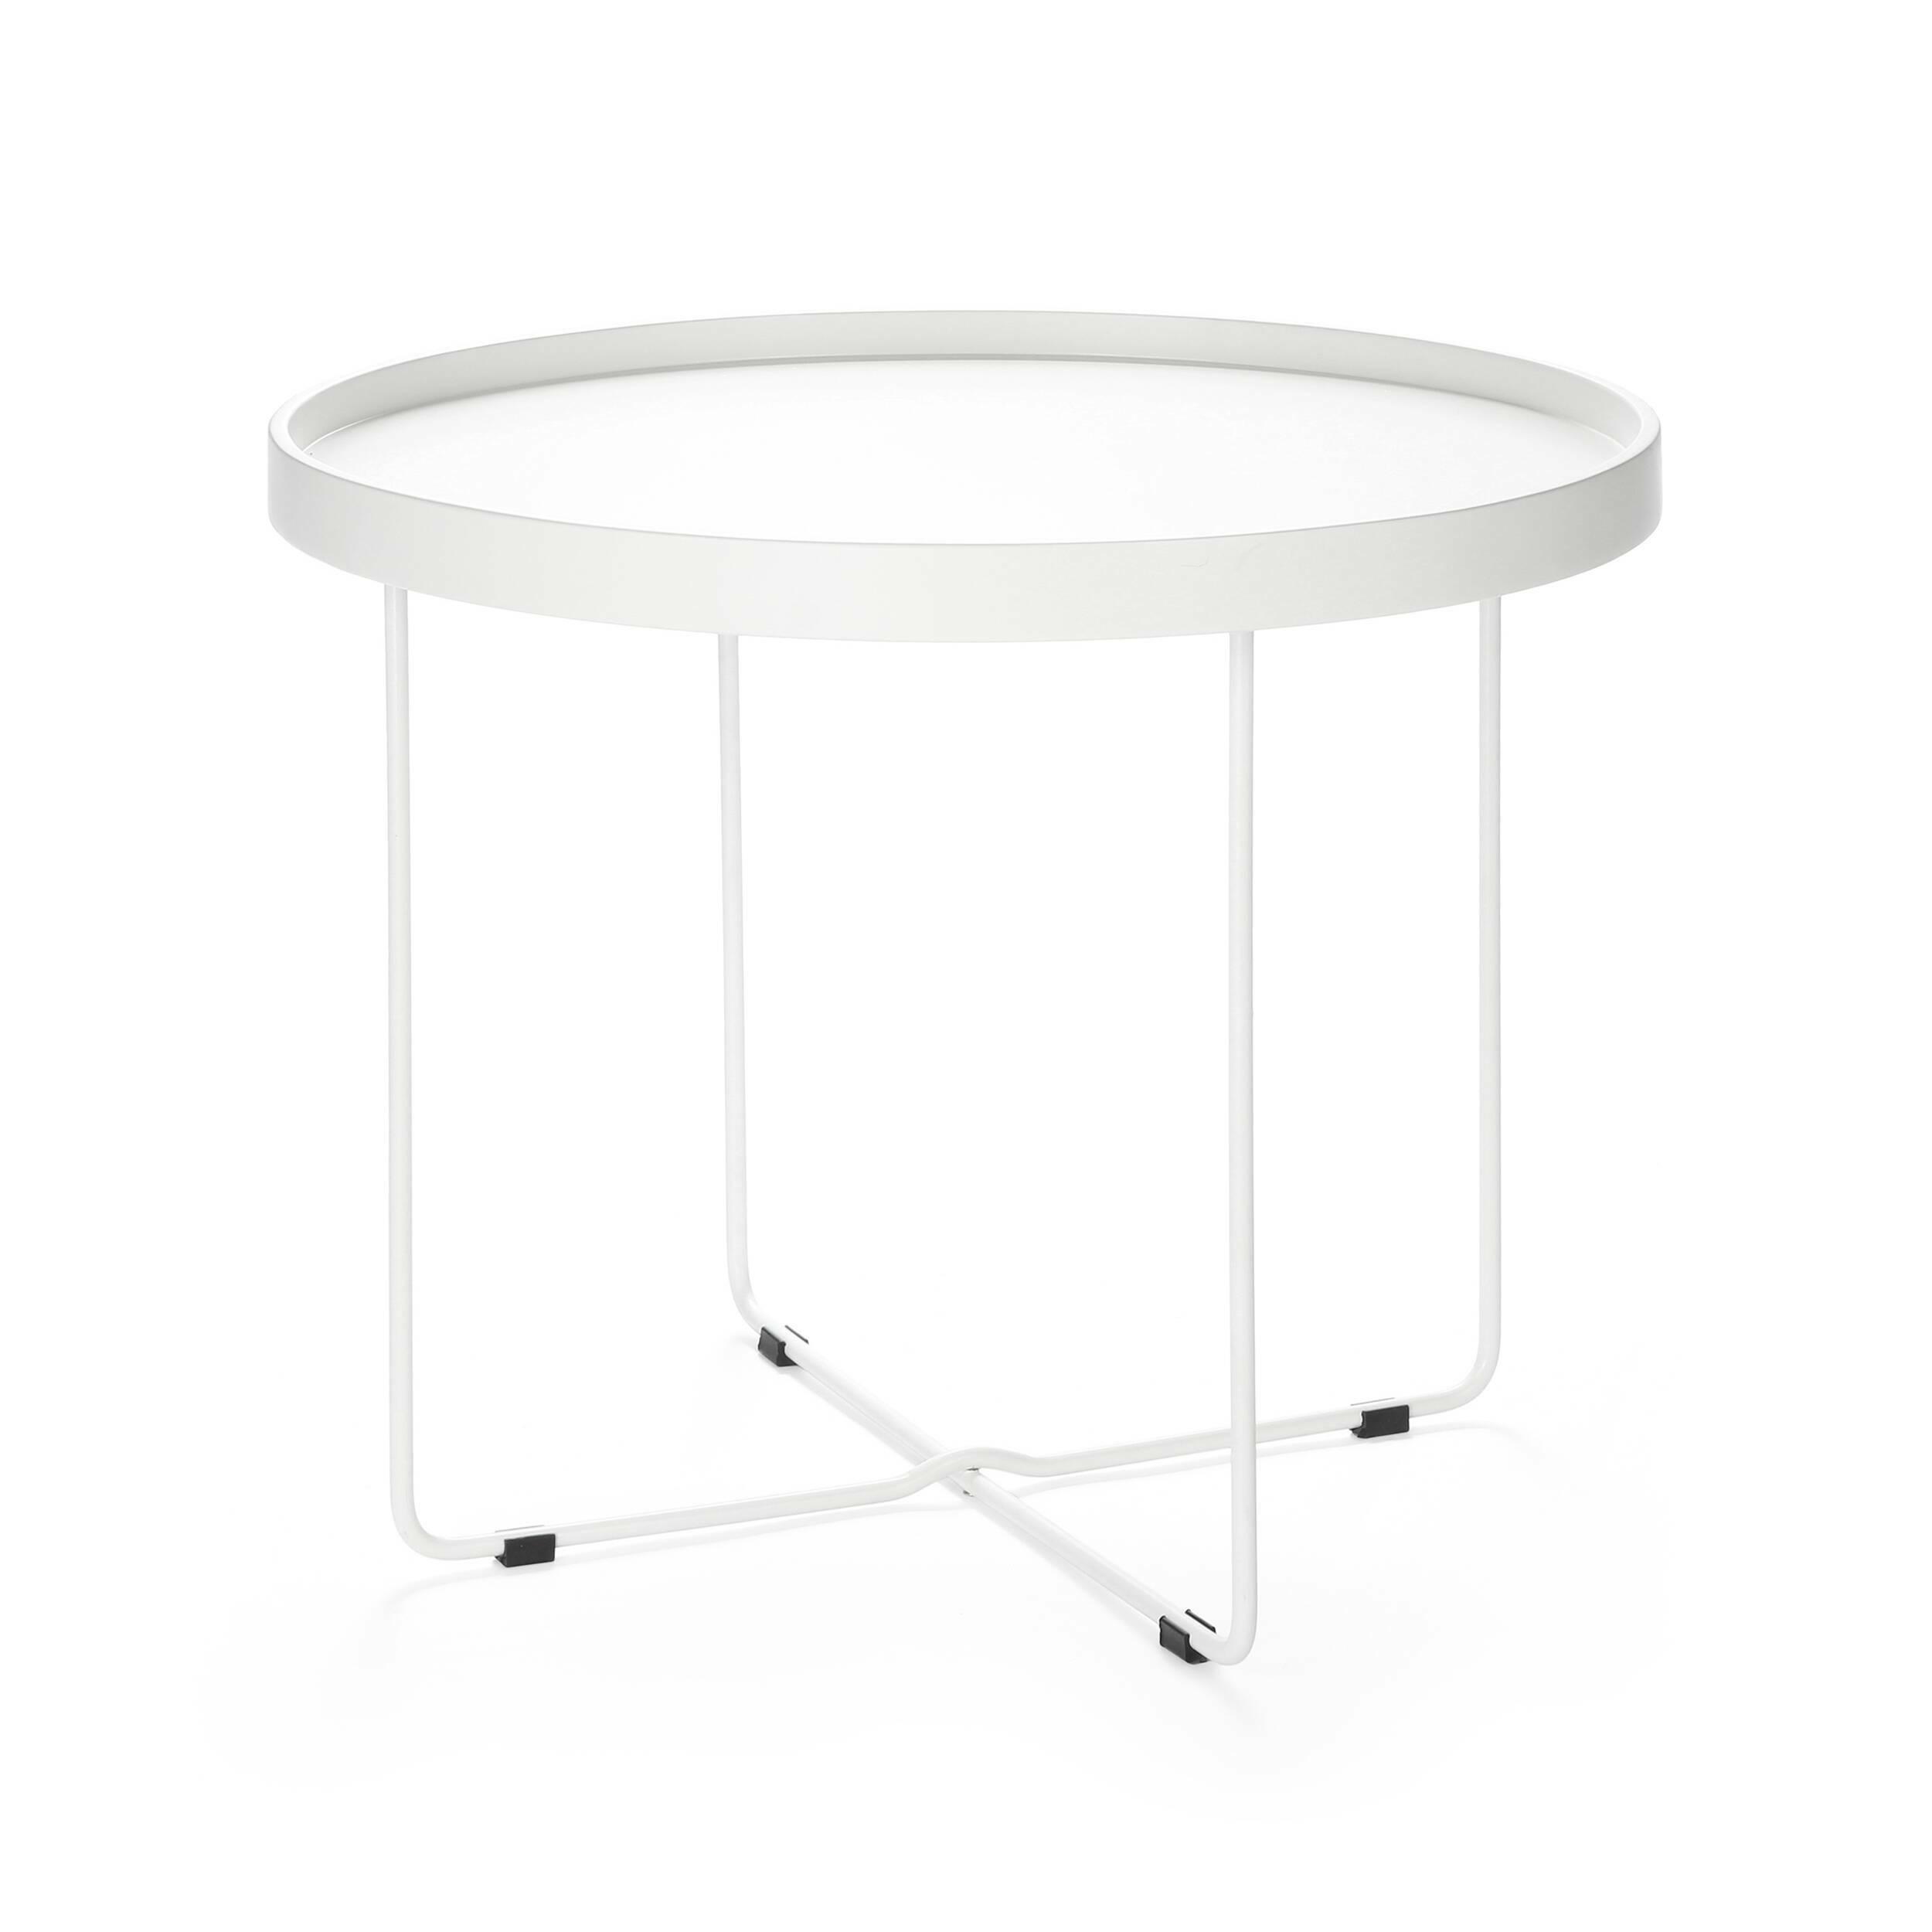 Сервировочный столик Cosmo 15580735 от Cosmorelax